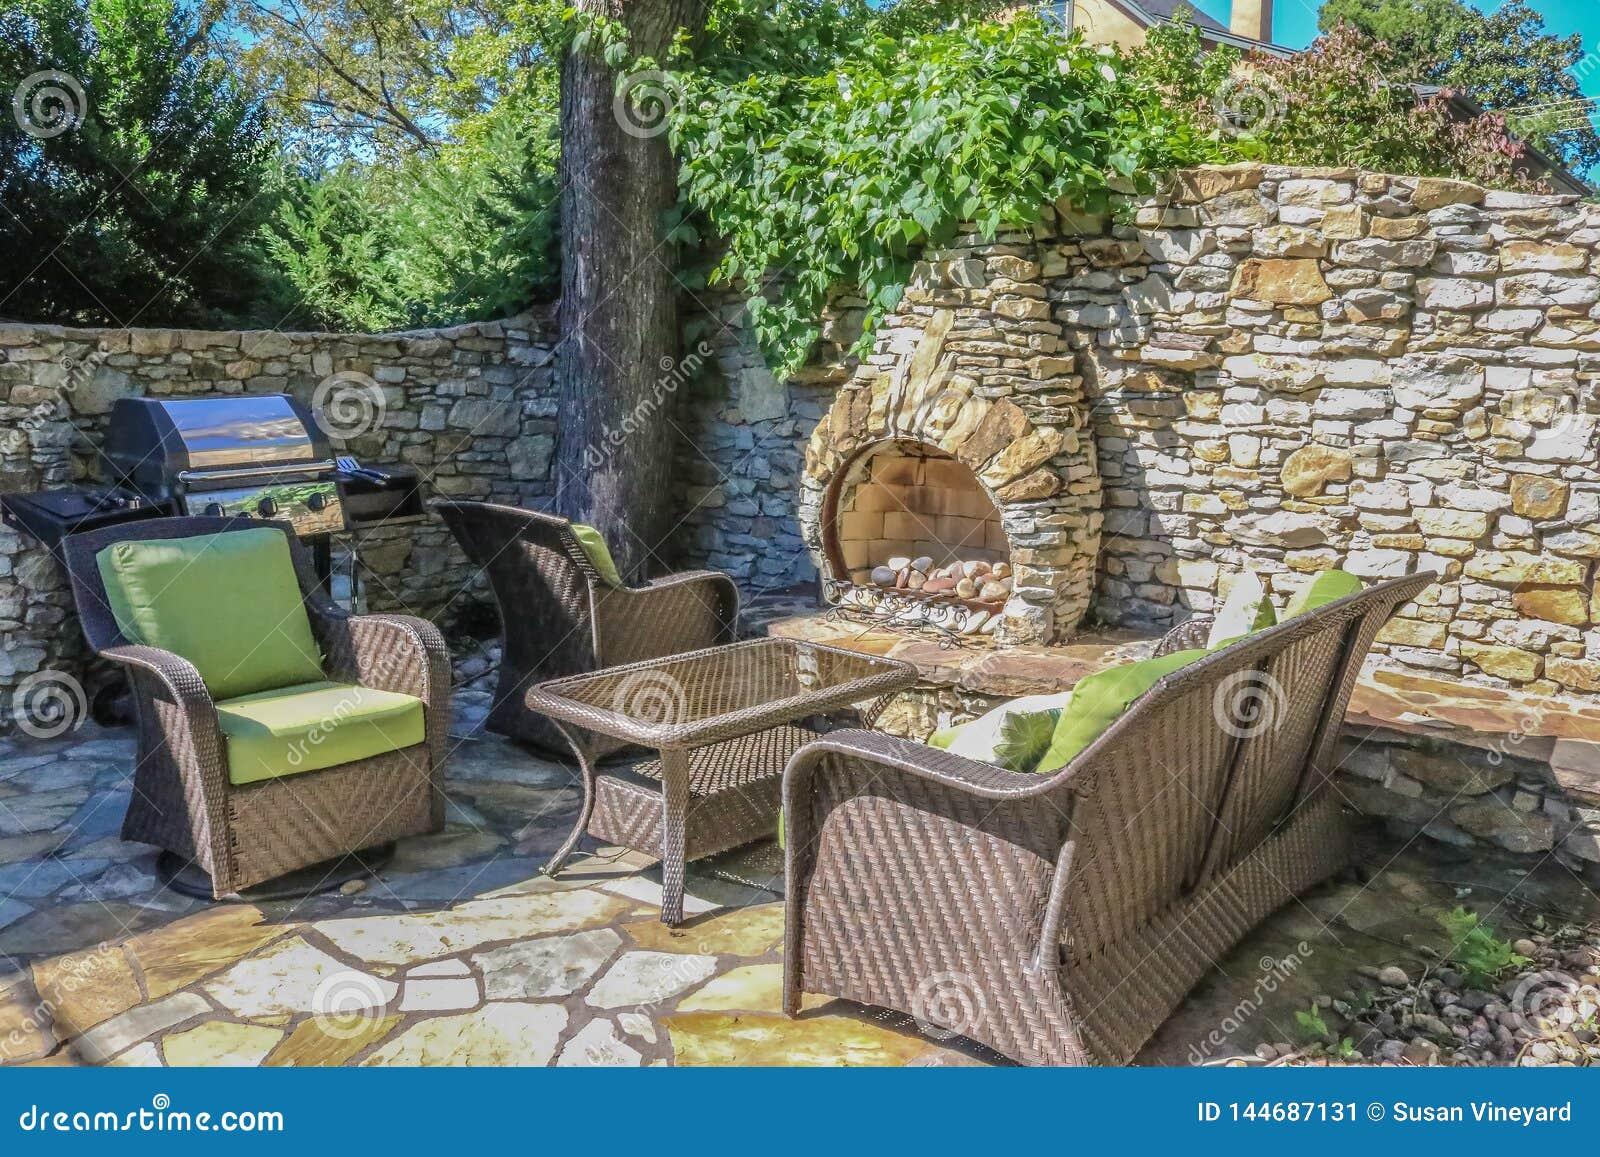 Vie extérieure - mur de roche et cheminée extérieure intégrée construits autour d un arbre faisant le coin avec des meubles